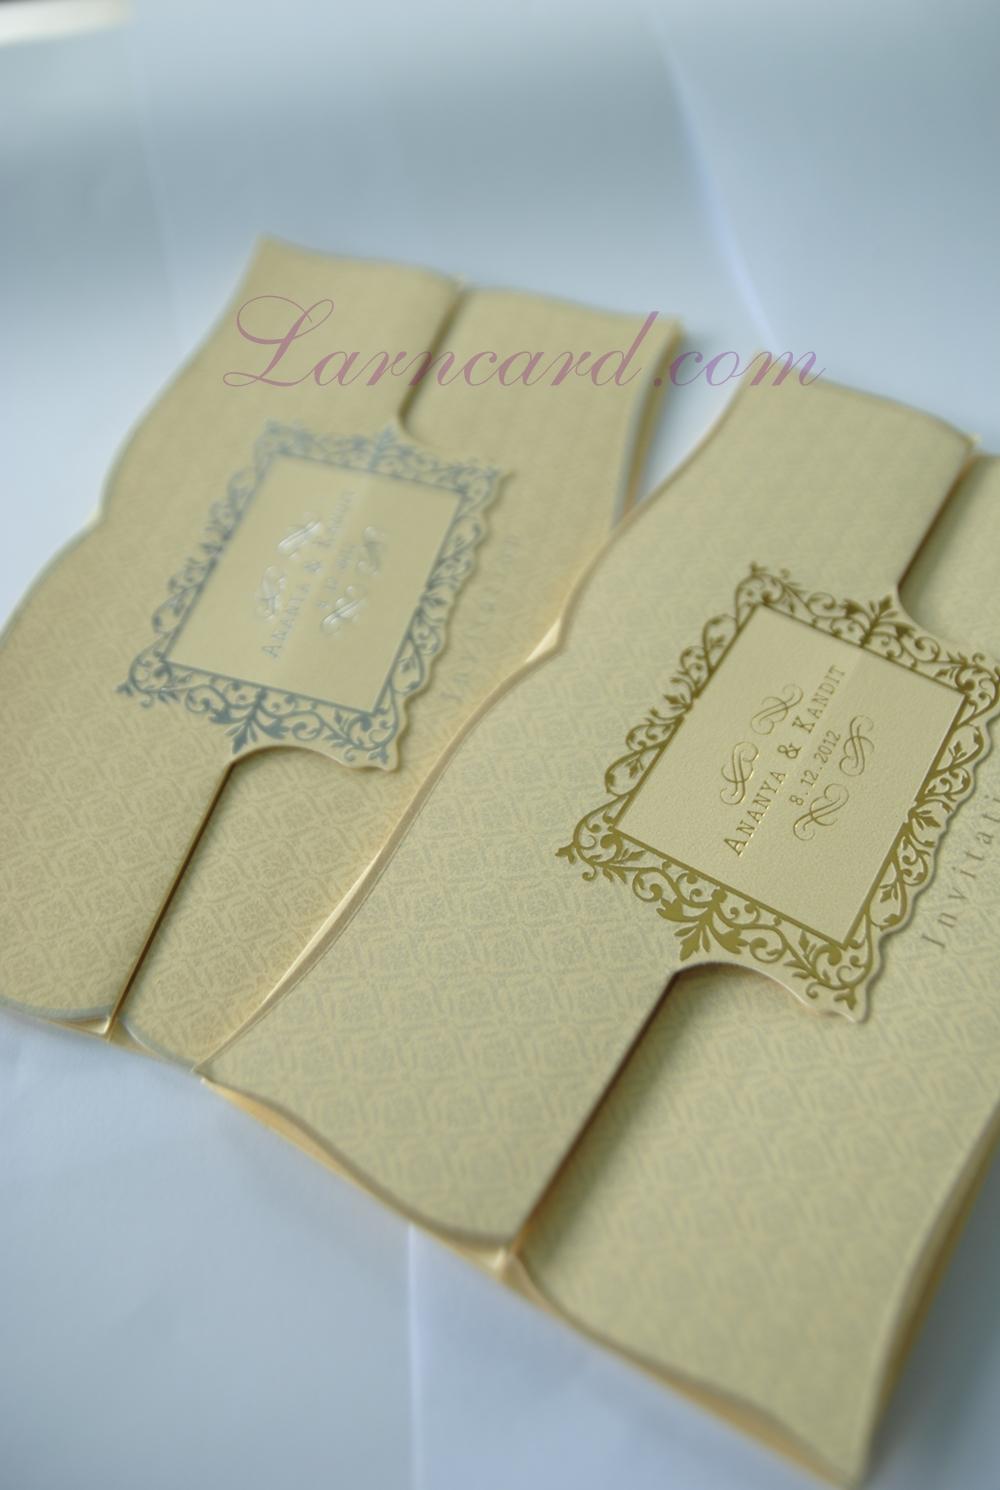 55091 การ์ดแต่งงานดีไซน์เก๋เสมือนได้ได้อ่านจดหมาย มีกรอบทองกับกรอบเงิน